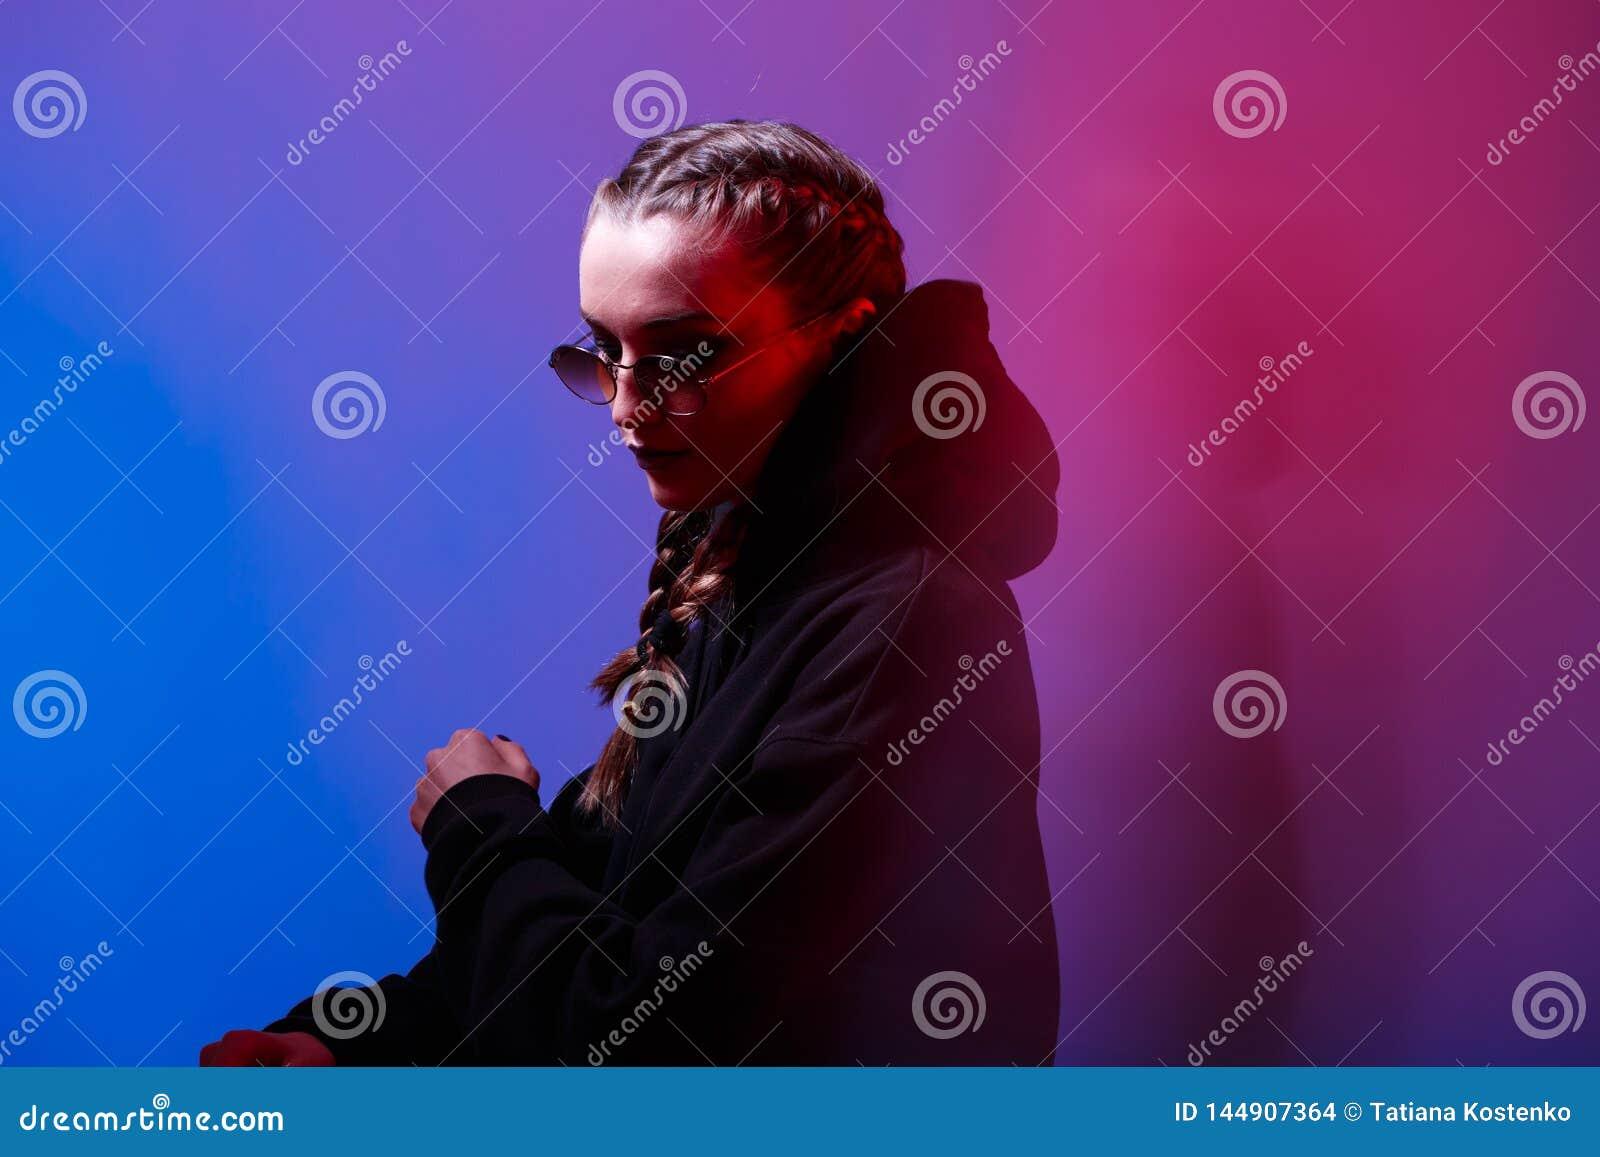 Портрет девушки моды в черном свитере с округлой формой клобука и солнечных очков в неоновом свете в студии